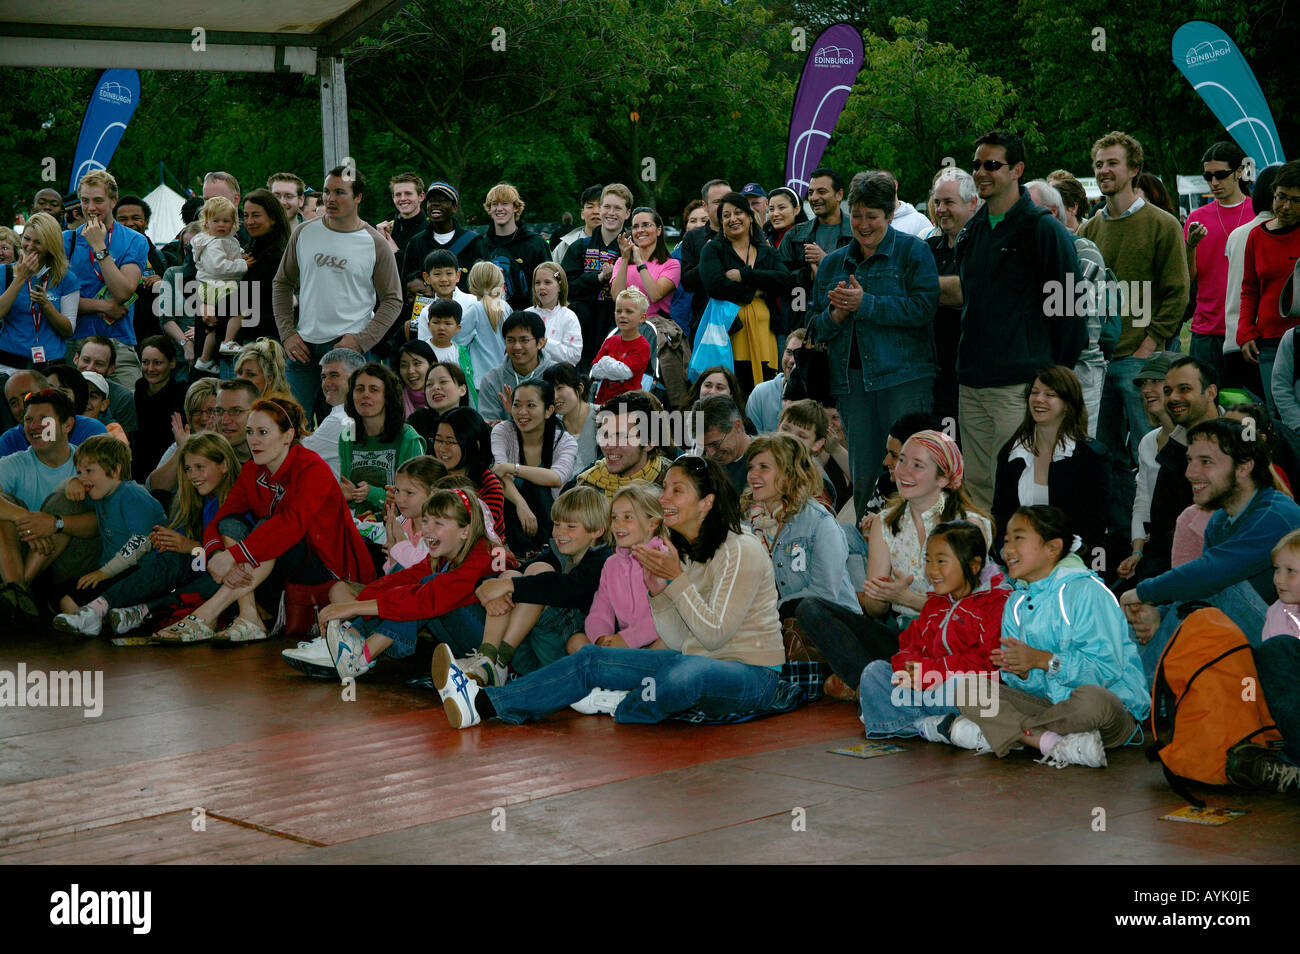 Audience applauding performers at Fringe Sunday Edinburgh Festival Fringe Scotland, UK, Europe - Stock Image